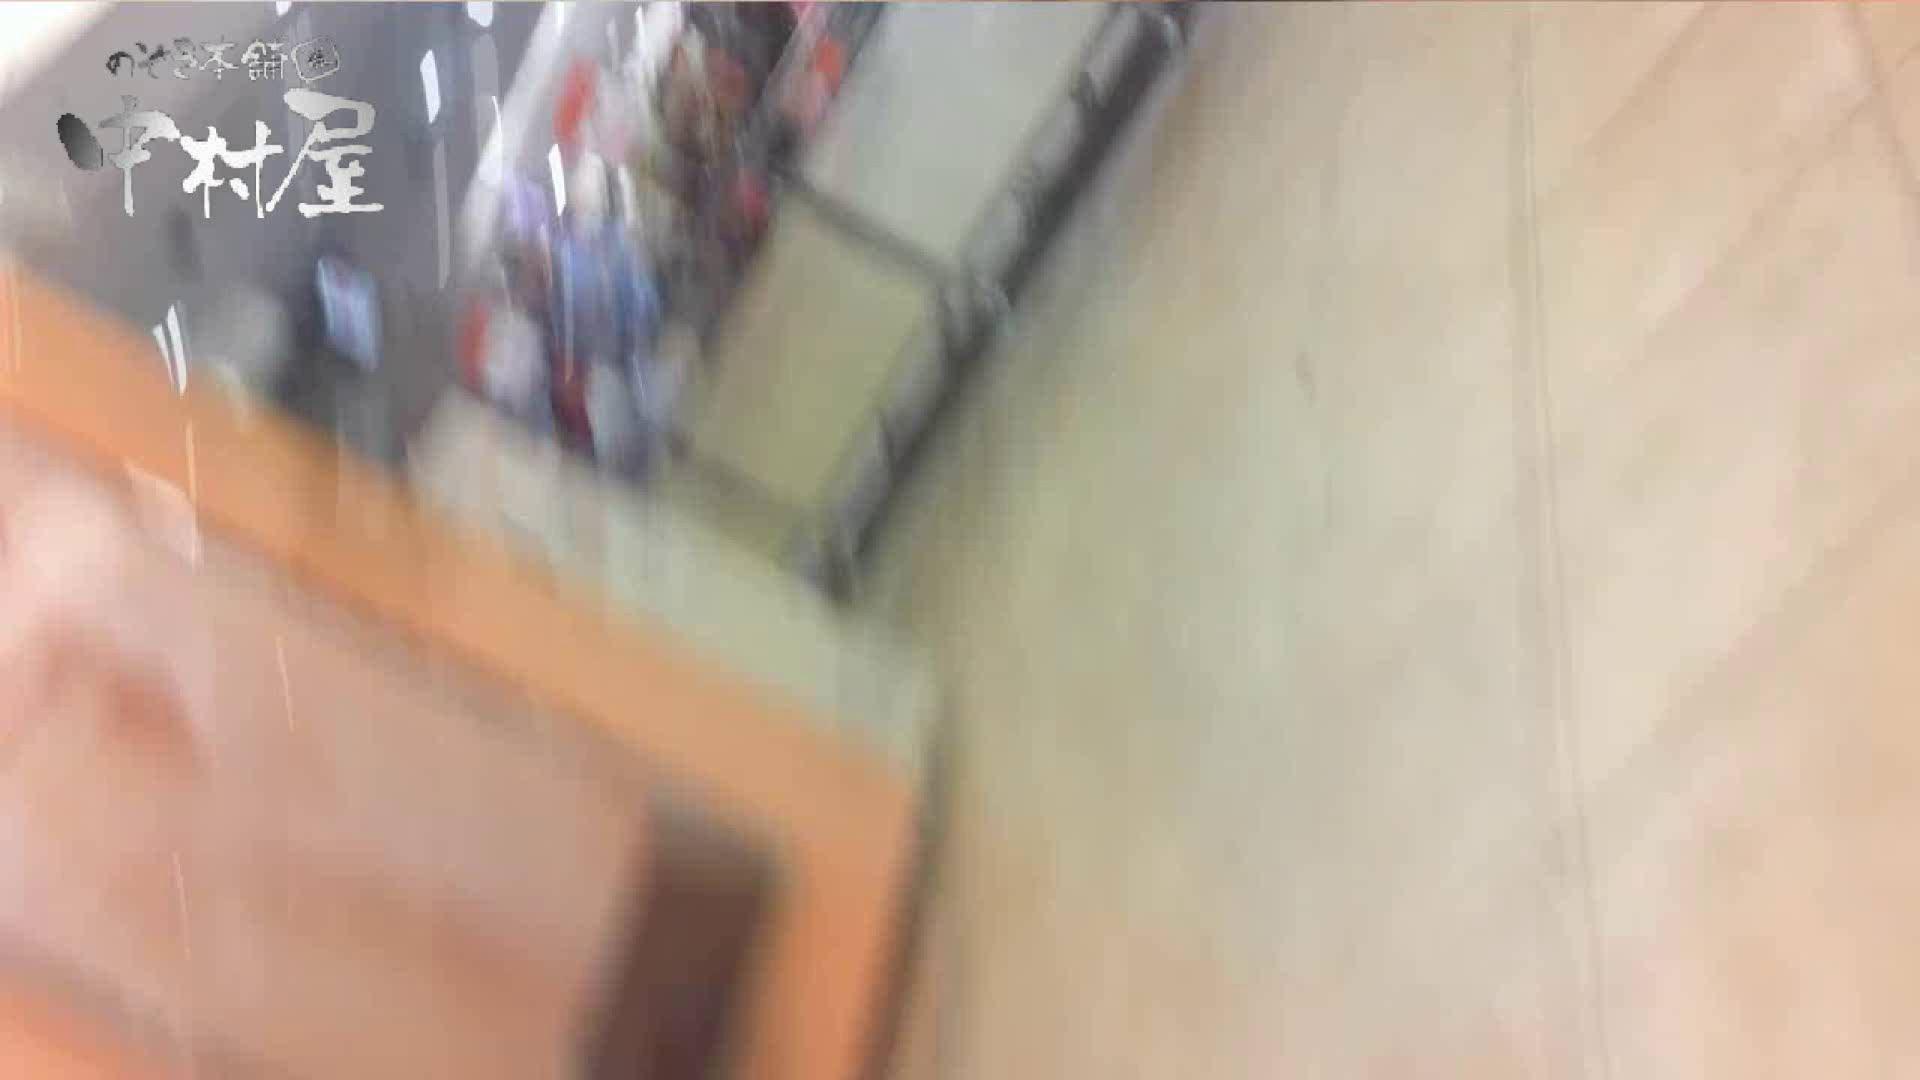 vol.48可愛いカリスマ店員胸チラ&パンチラ アニメ声の店員さん パンチラ  110画像 75